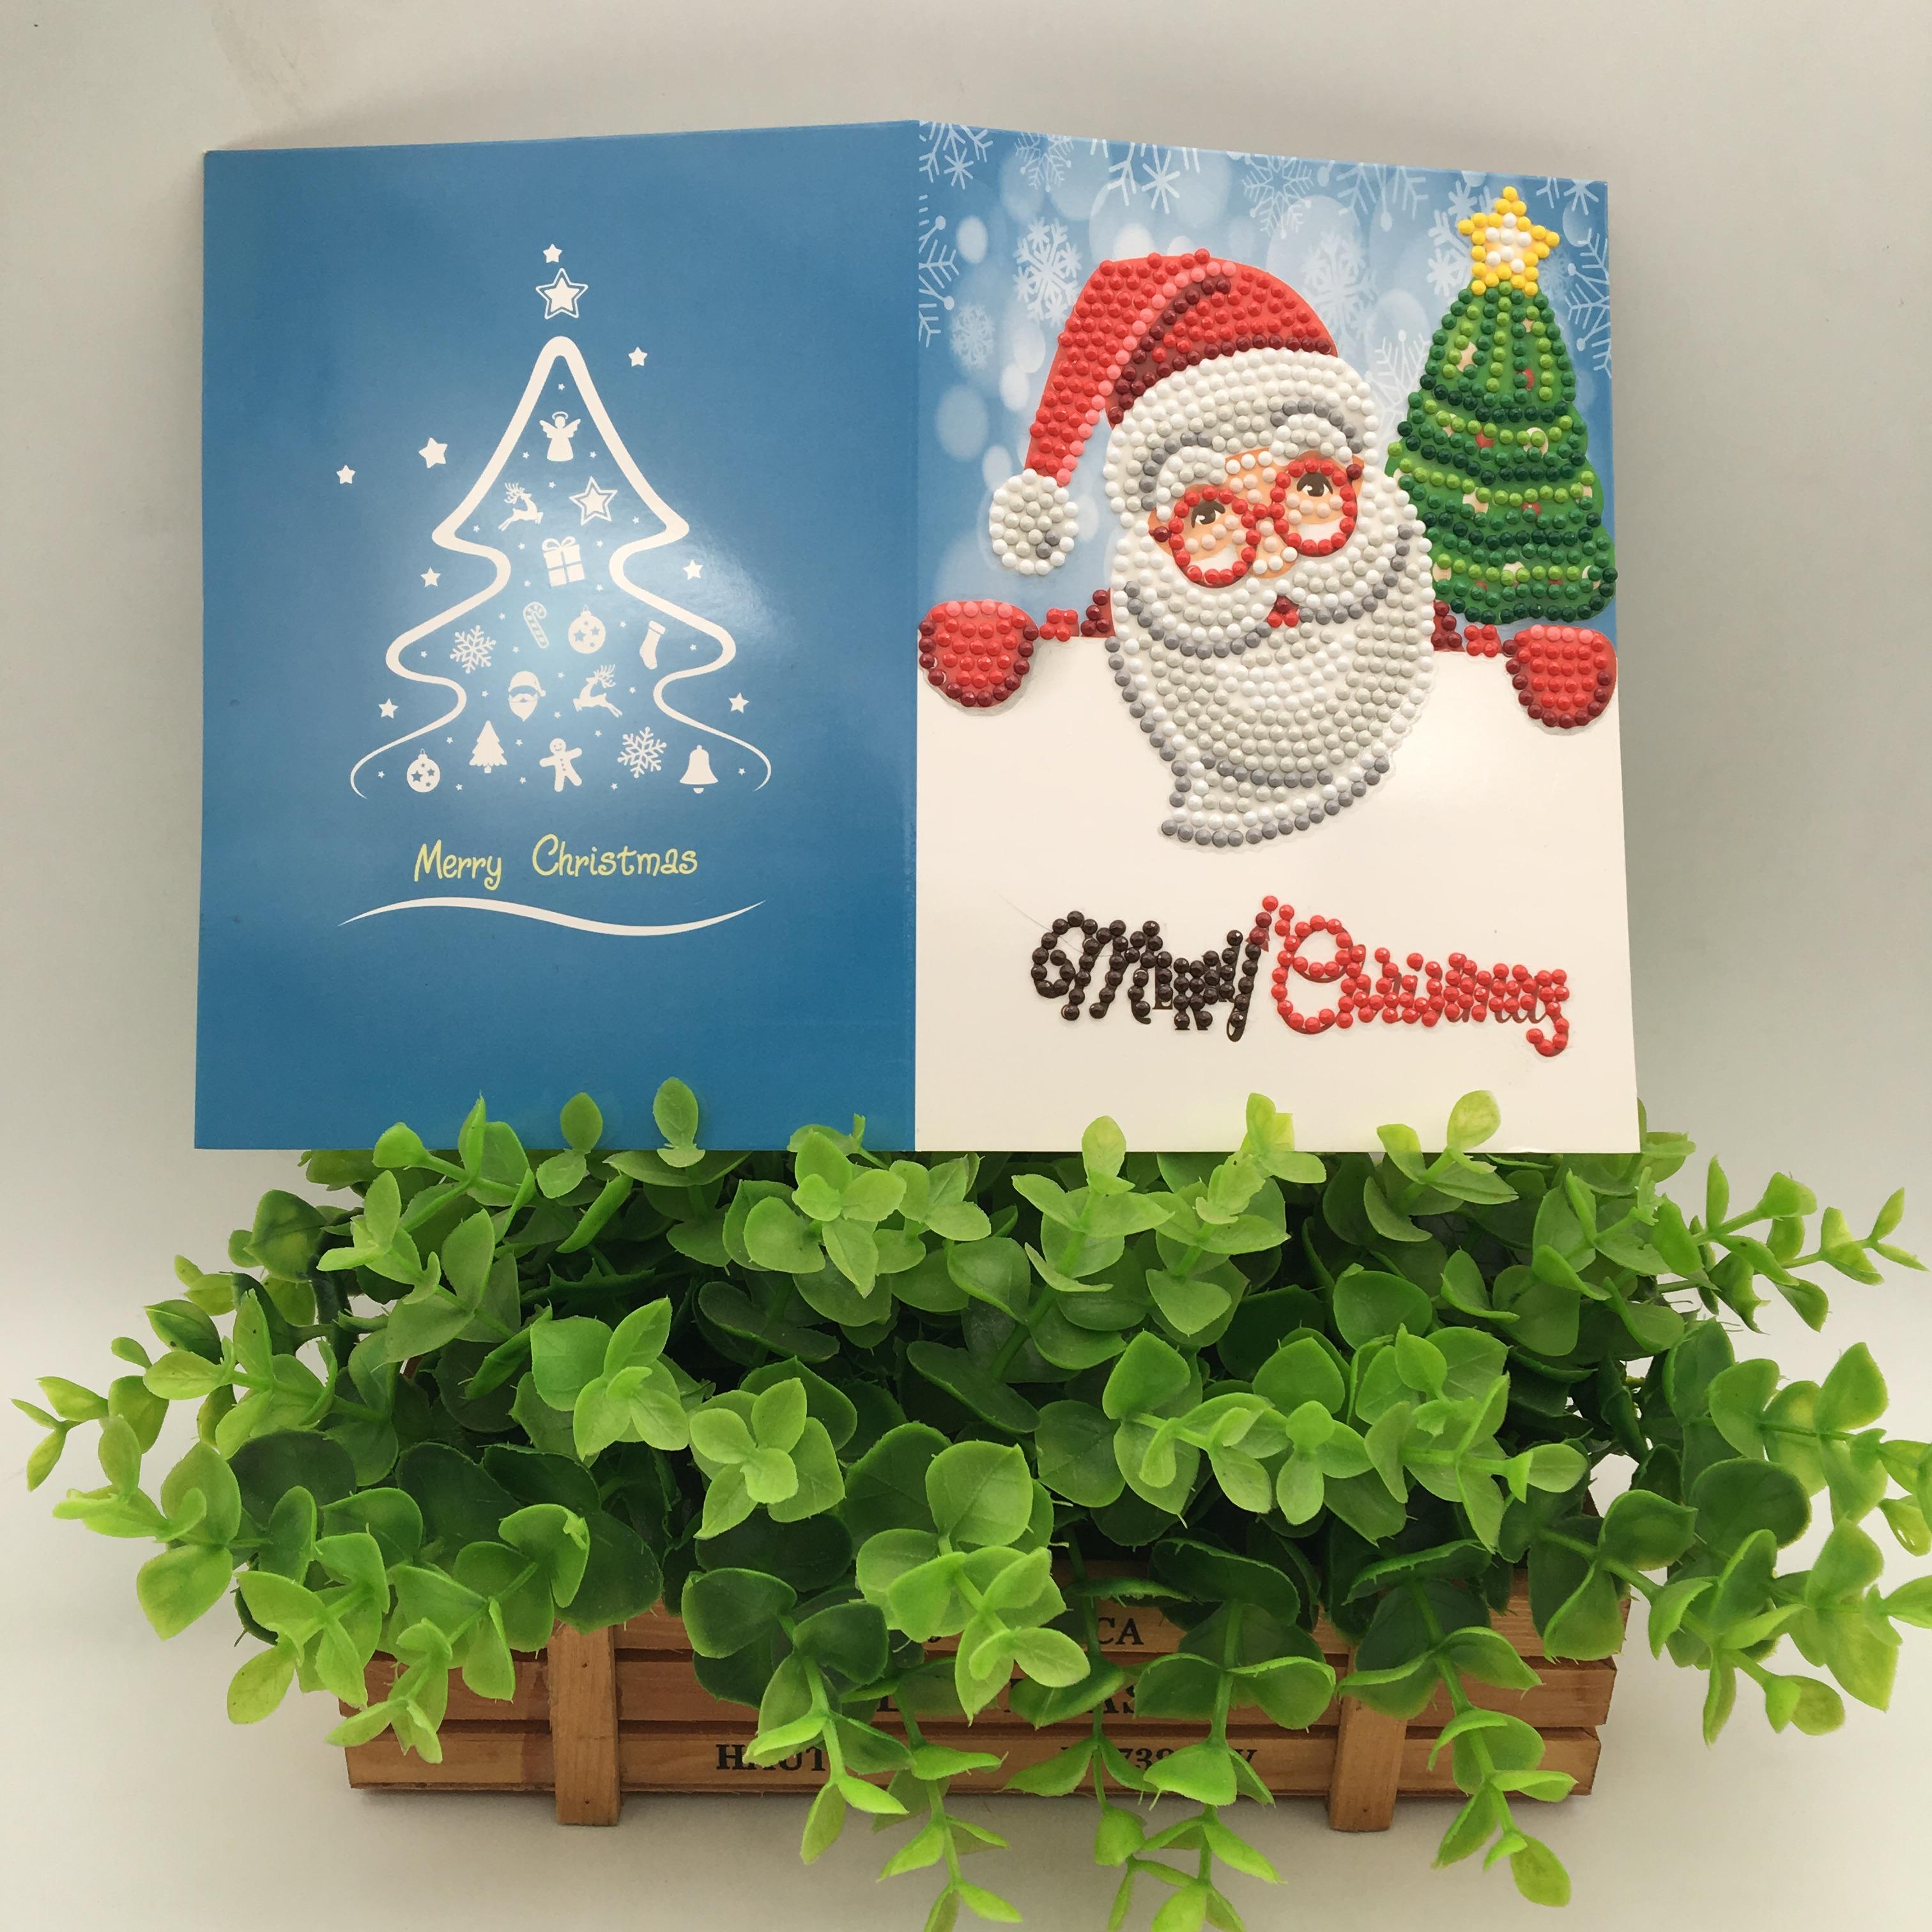 Christmas Greeting Cards Diy 5d Diamond Painting For Christmas Gift